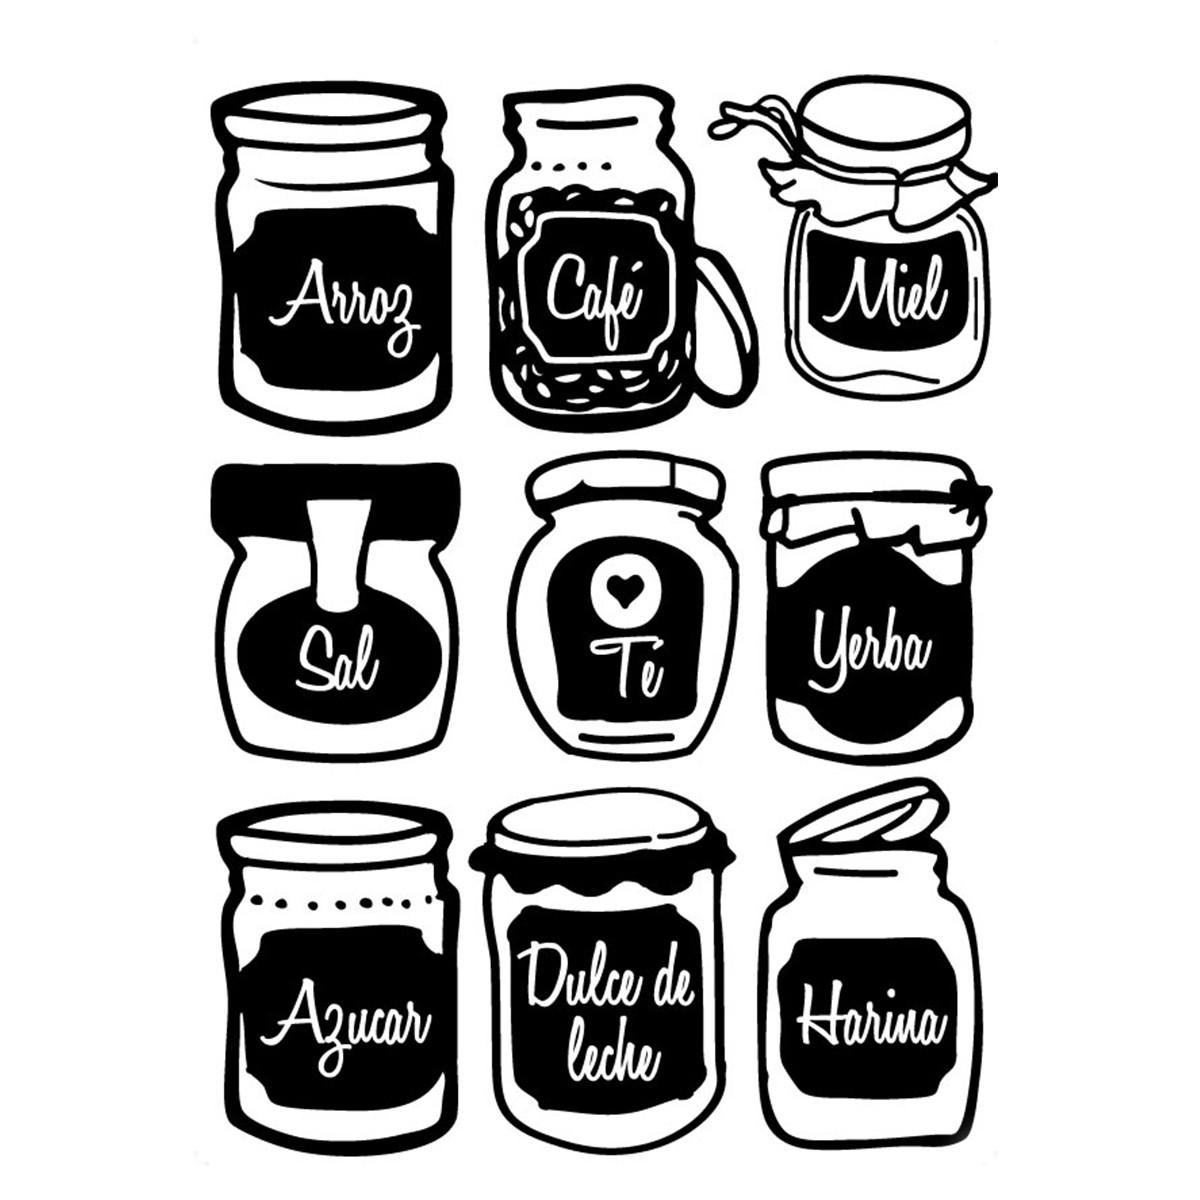 Pack de vinilo frascos de cocina - Como poner vinilo en cristal ...